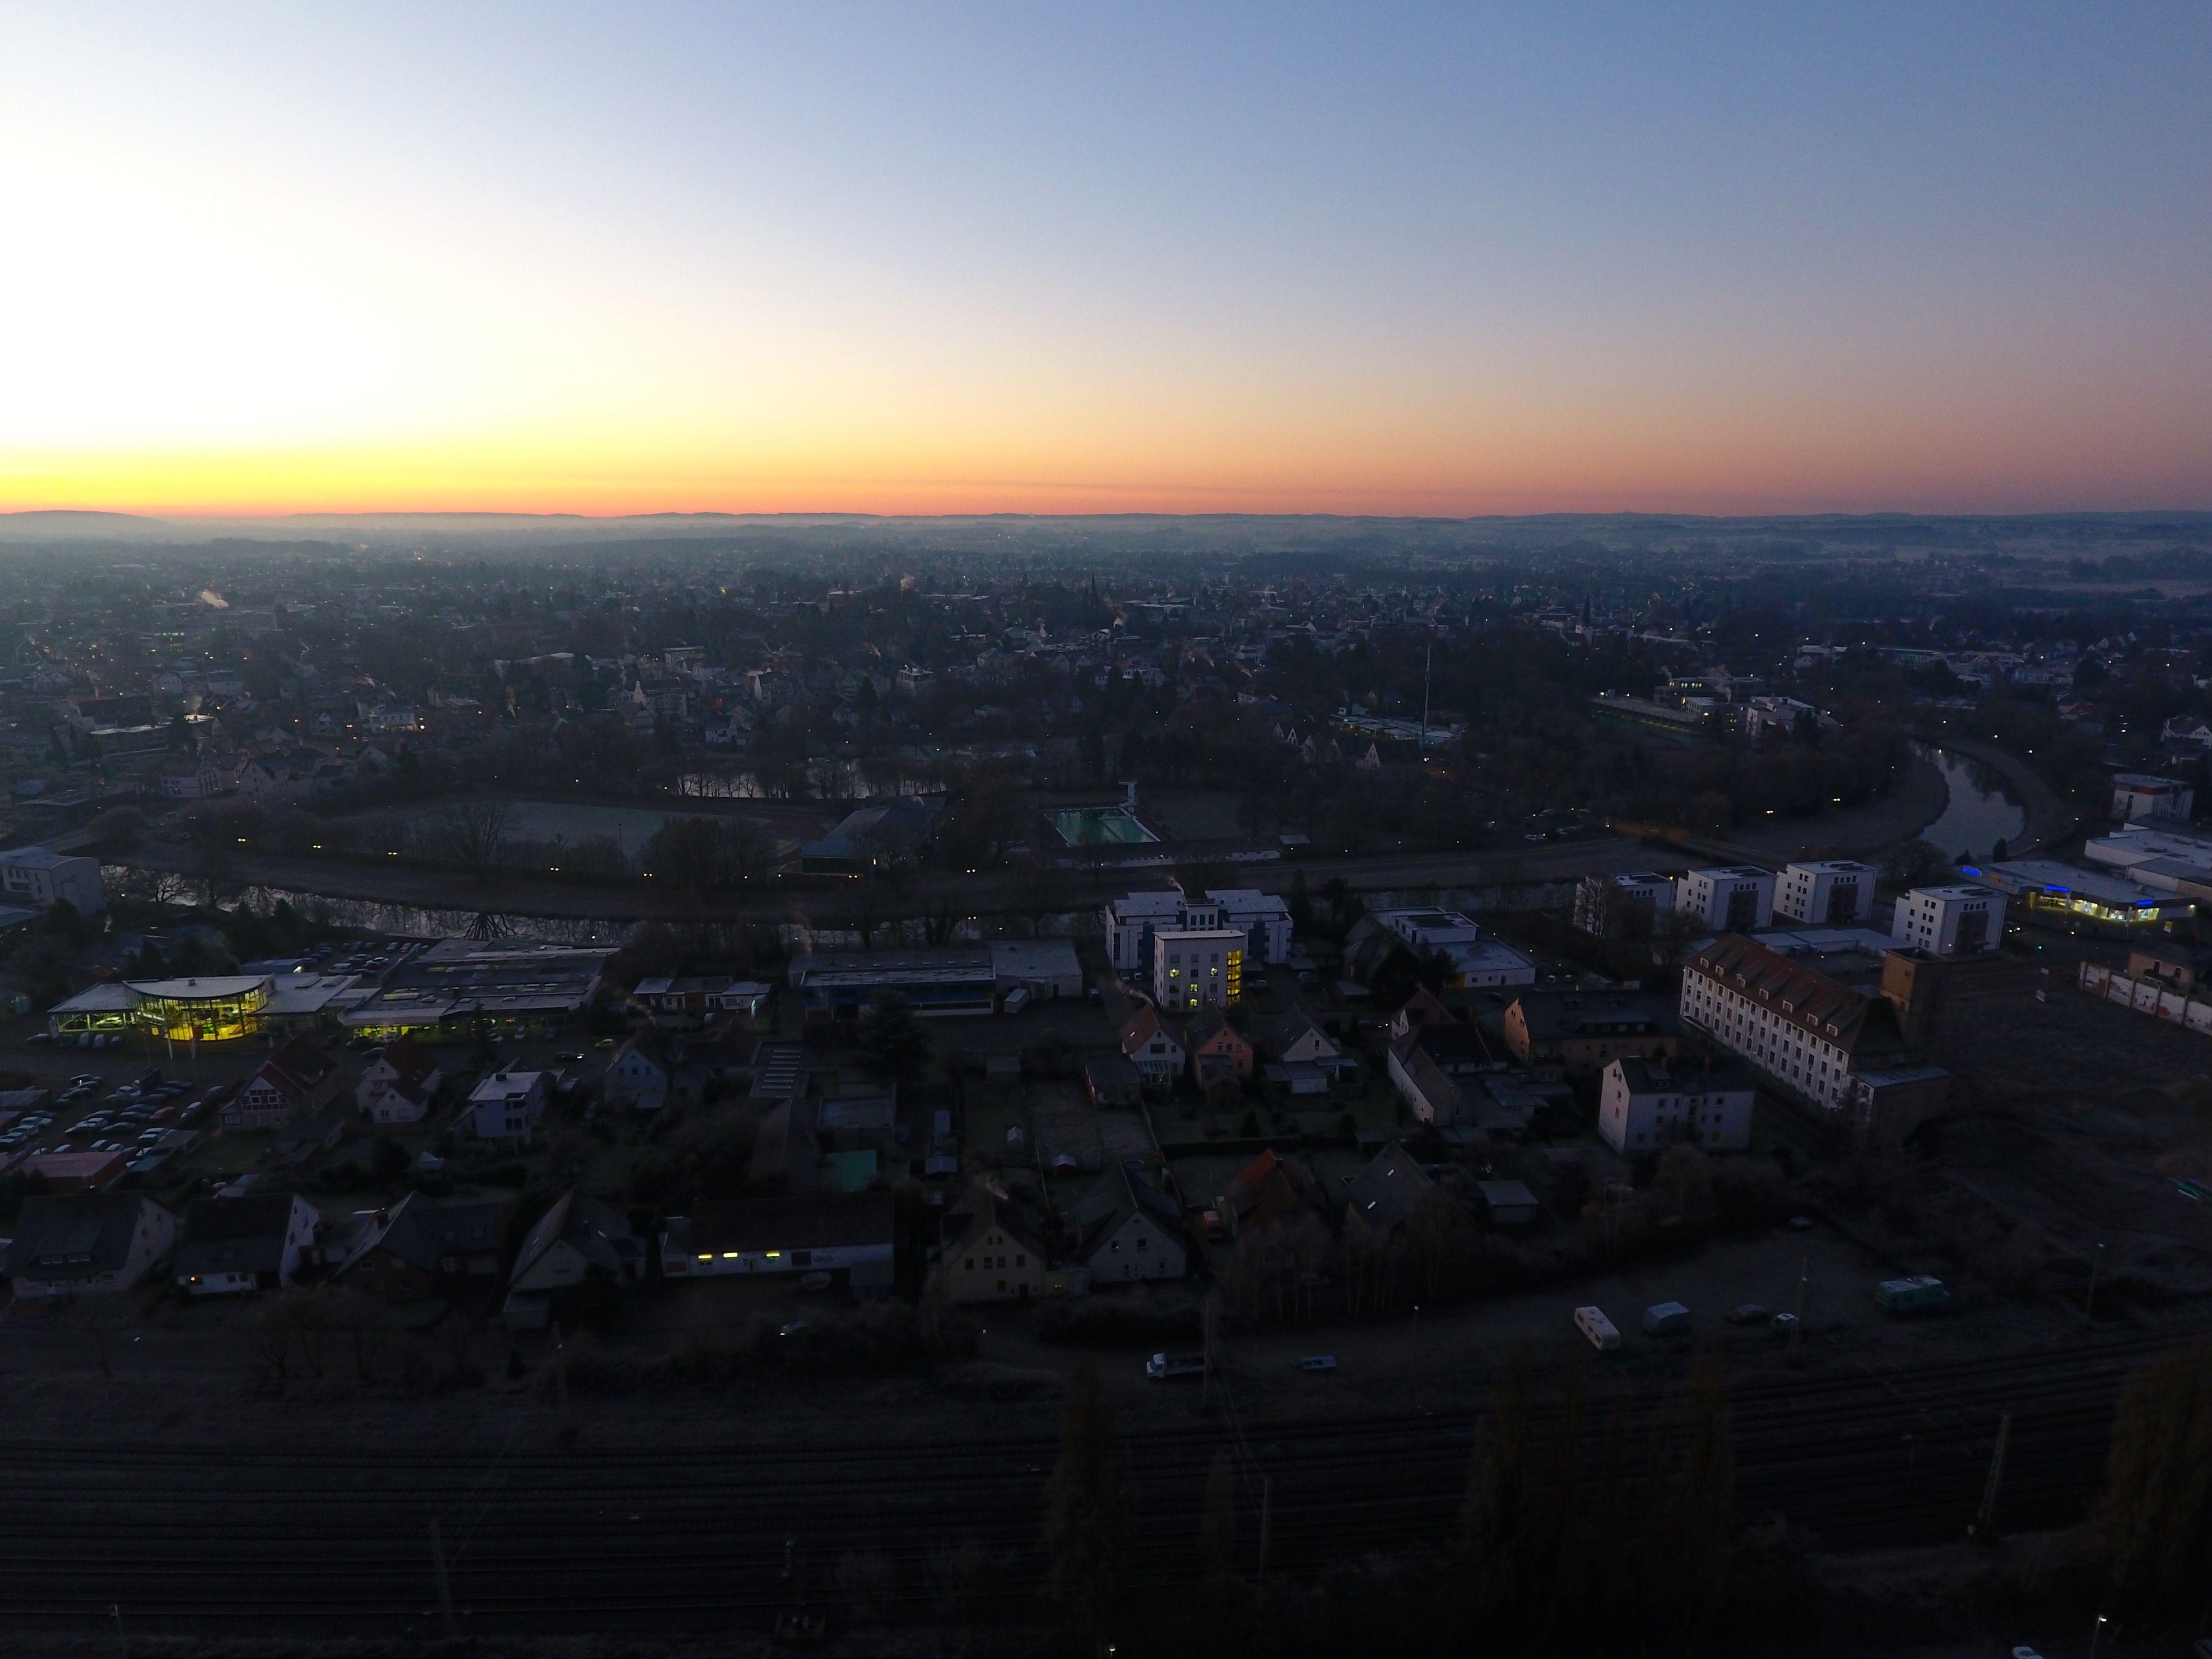 Sonnenaufgang über Bünde am 30.12.2016